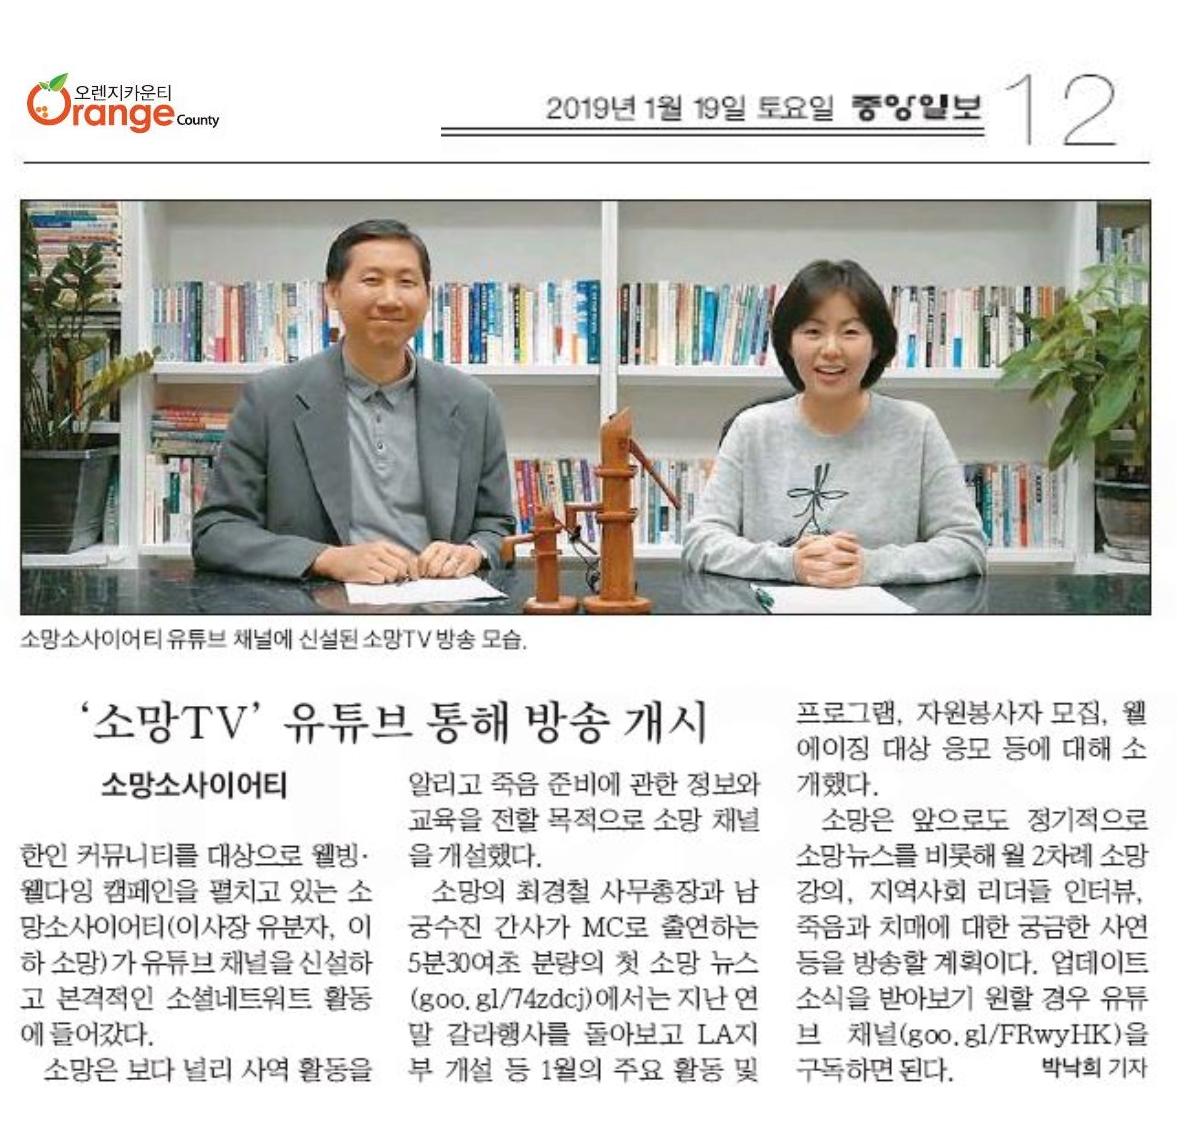 [중앙일보] '소망TV' 유튜브 통해 방송 개시